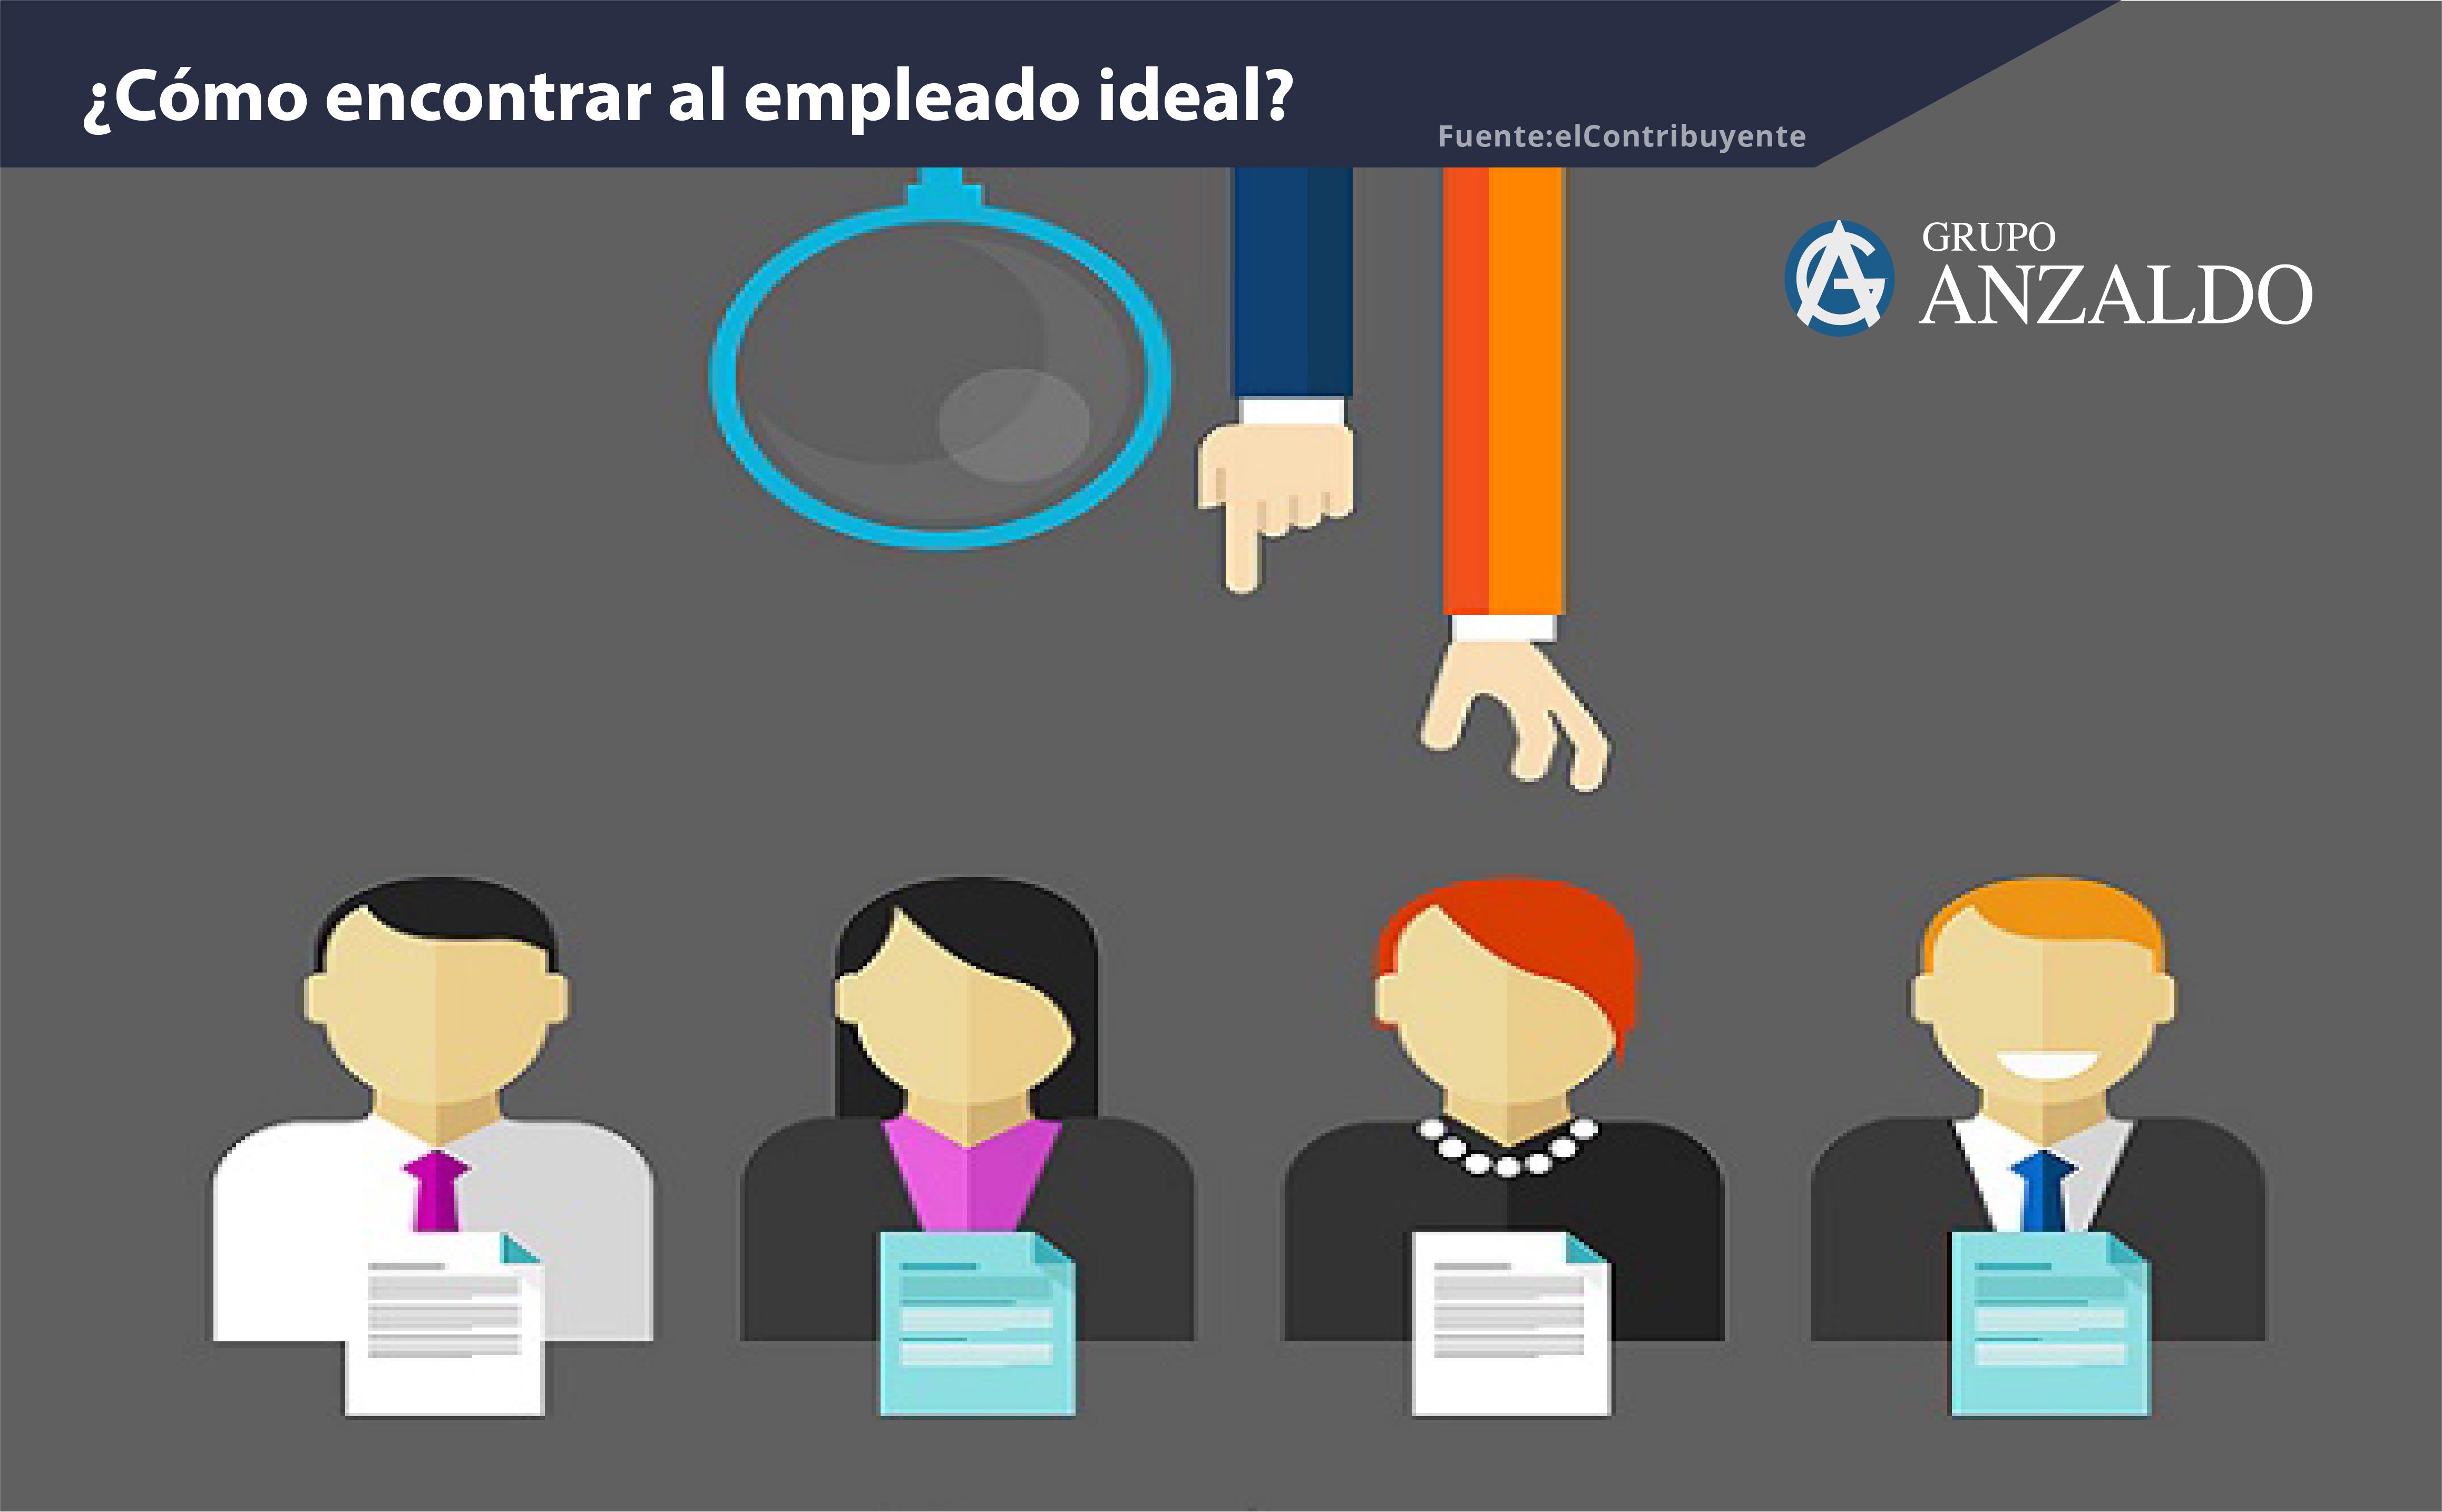 ¿Cómo encontrar al empleado ideal?